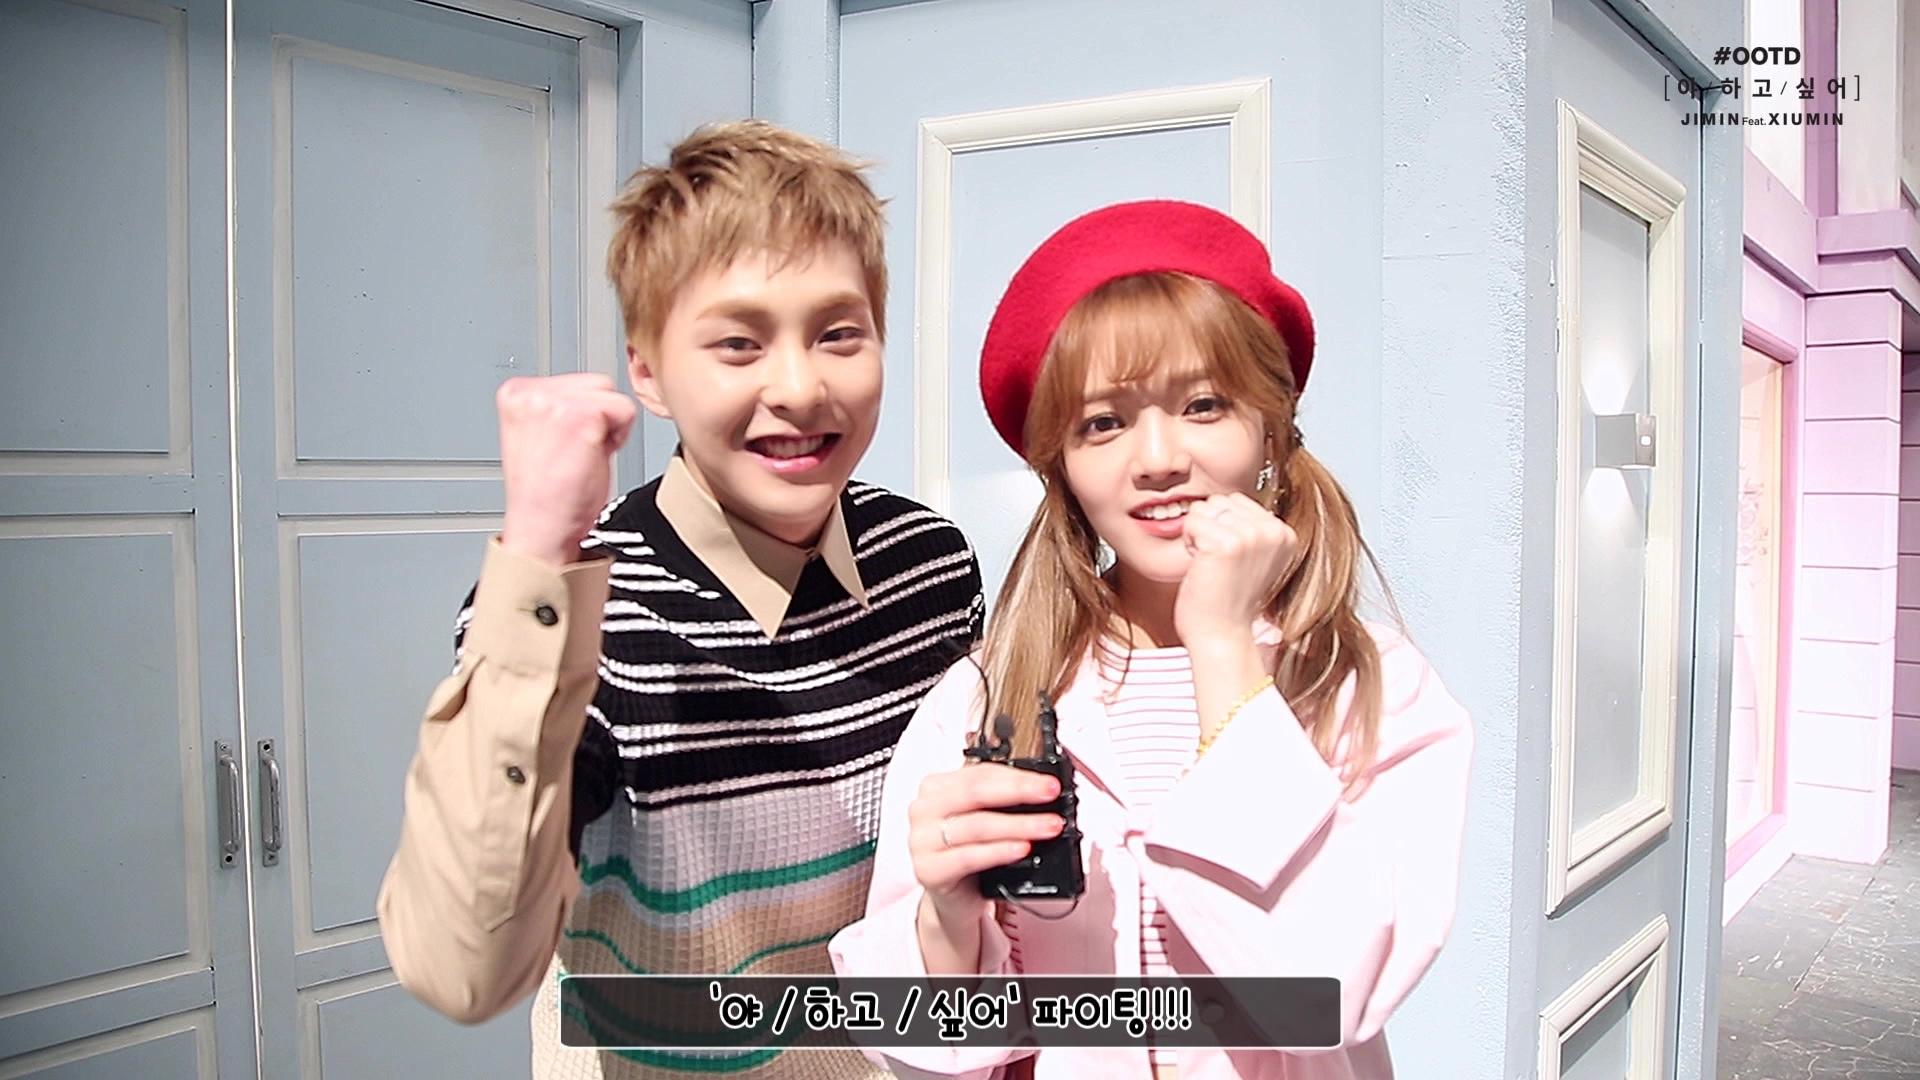 '야 하고 싶어' JIMIN X XIUMIN, '파워달달' MV 맛보기